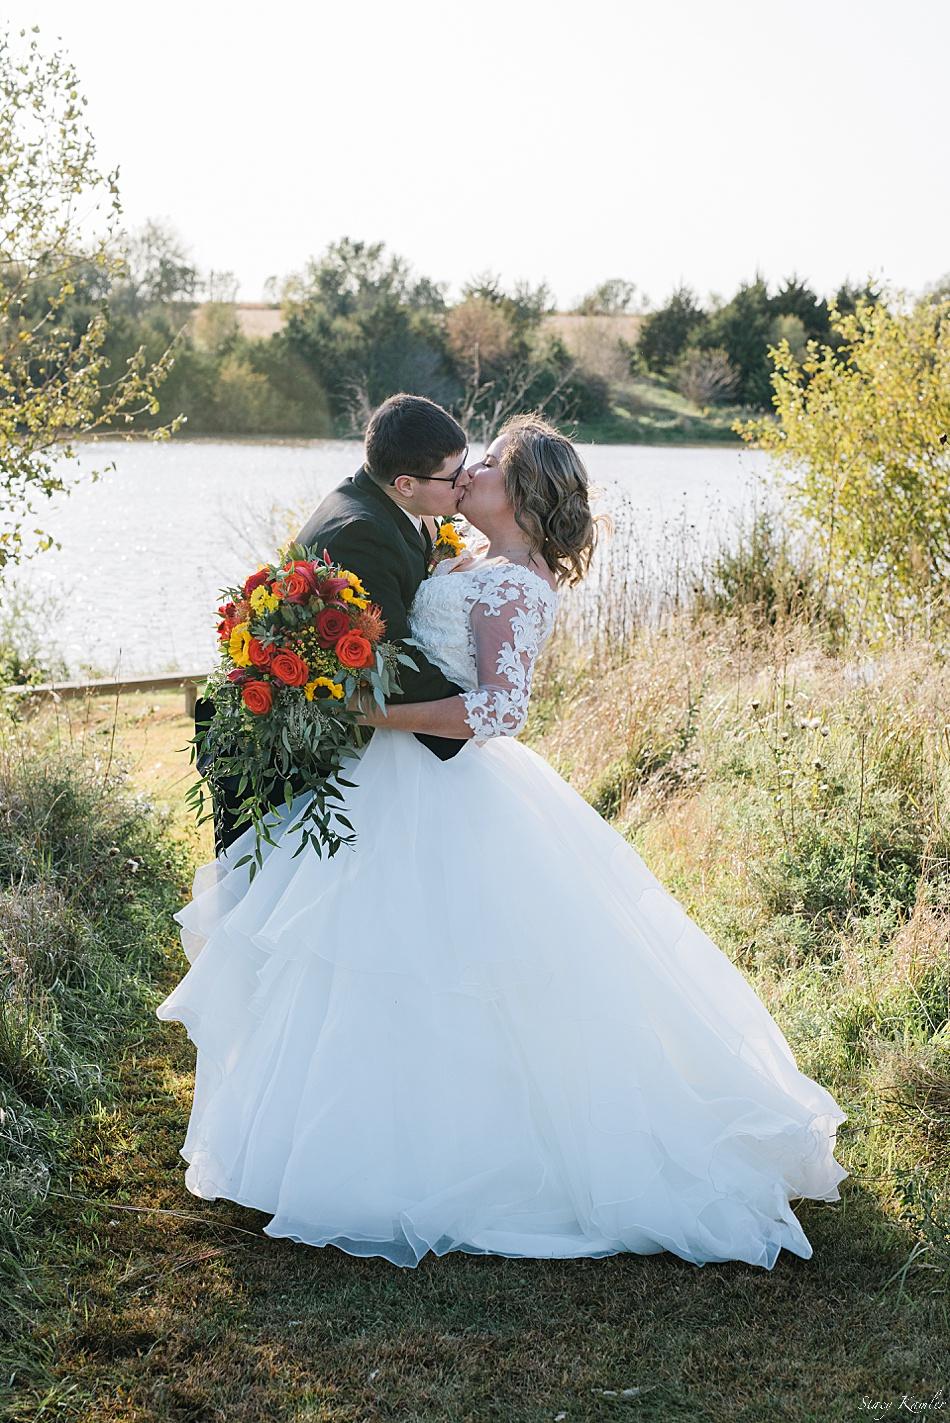 Wedding Photos at Recharge Lake